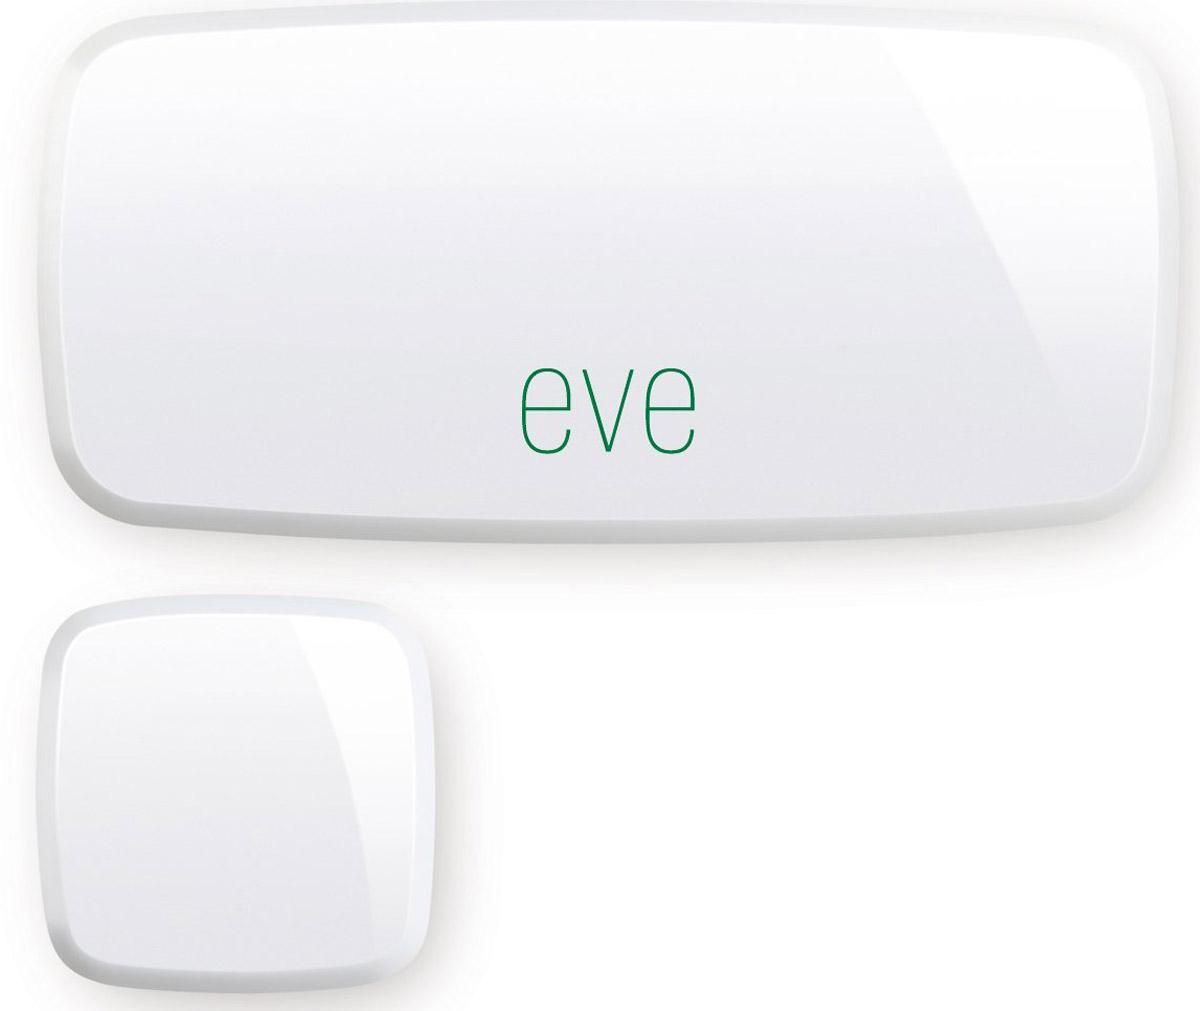 Elgato Eve Door & Window умный датчик охранных систем и сигнализаций1ED109901000Датчик Elgato Eve Door & Window может определить, когда дверь или окно открыты, и сообщить вам об этом в бесплатном приложении на iPhone или iPad. Вы можете мгновенно узнать о состоянии дверей и окон, а также просмотреть подробную статистику времени и длительности.Eve задействует передовую технологию Apple HomeKit и предлагает непревзойдённое удобство и надёжную защиту. Датчик Eve Door & Window подключается напрямую к iPhone или iPad по технологии Bluetooth Smart и не требует концентраторов, шлюзов или мостов.Датчик определяет, когда дверь или окно в вашем доме открытыПросматривайте подробную статистику времени и длительностиПоддержка HomeKitРаботает от долговечной сменной батарейки, кабель питания не требуетсяПодключается напрямую по технологии Bluetooth Smart, без концентраторов и шлюзов